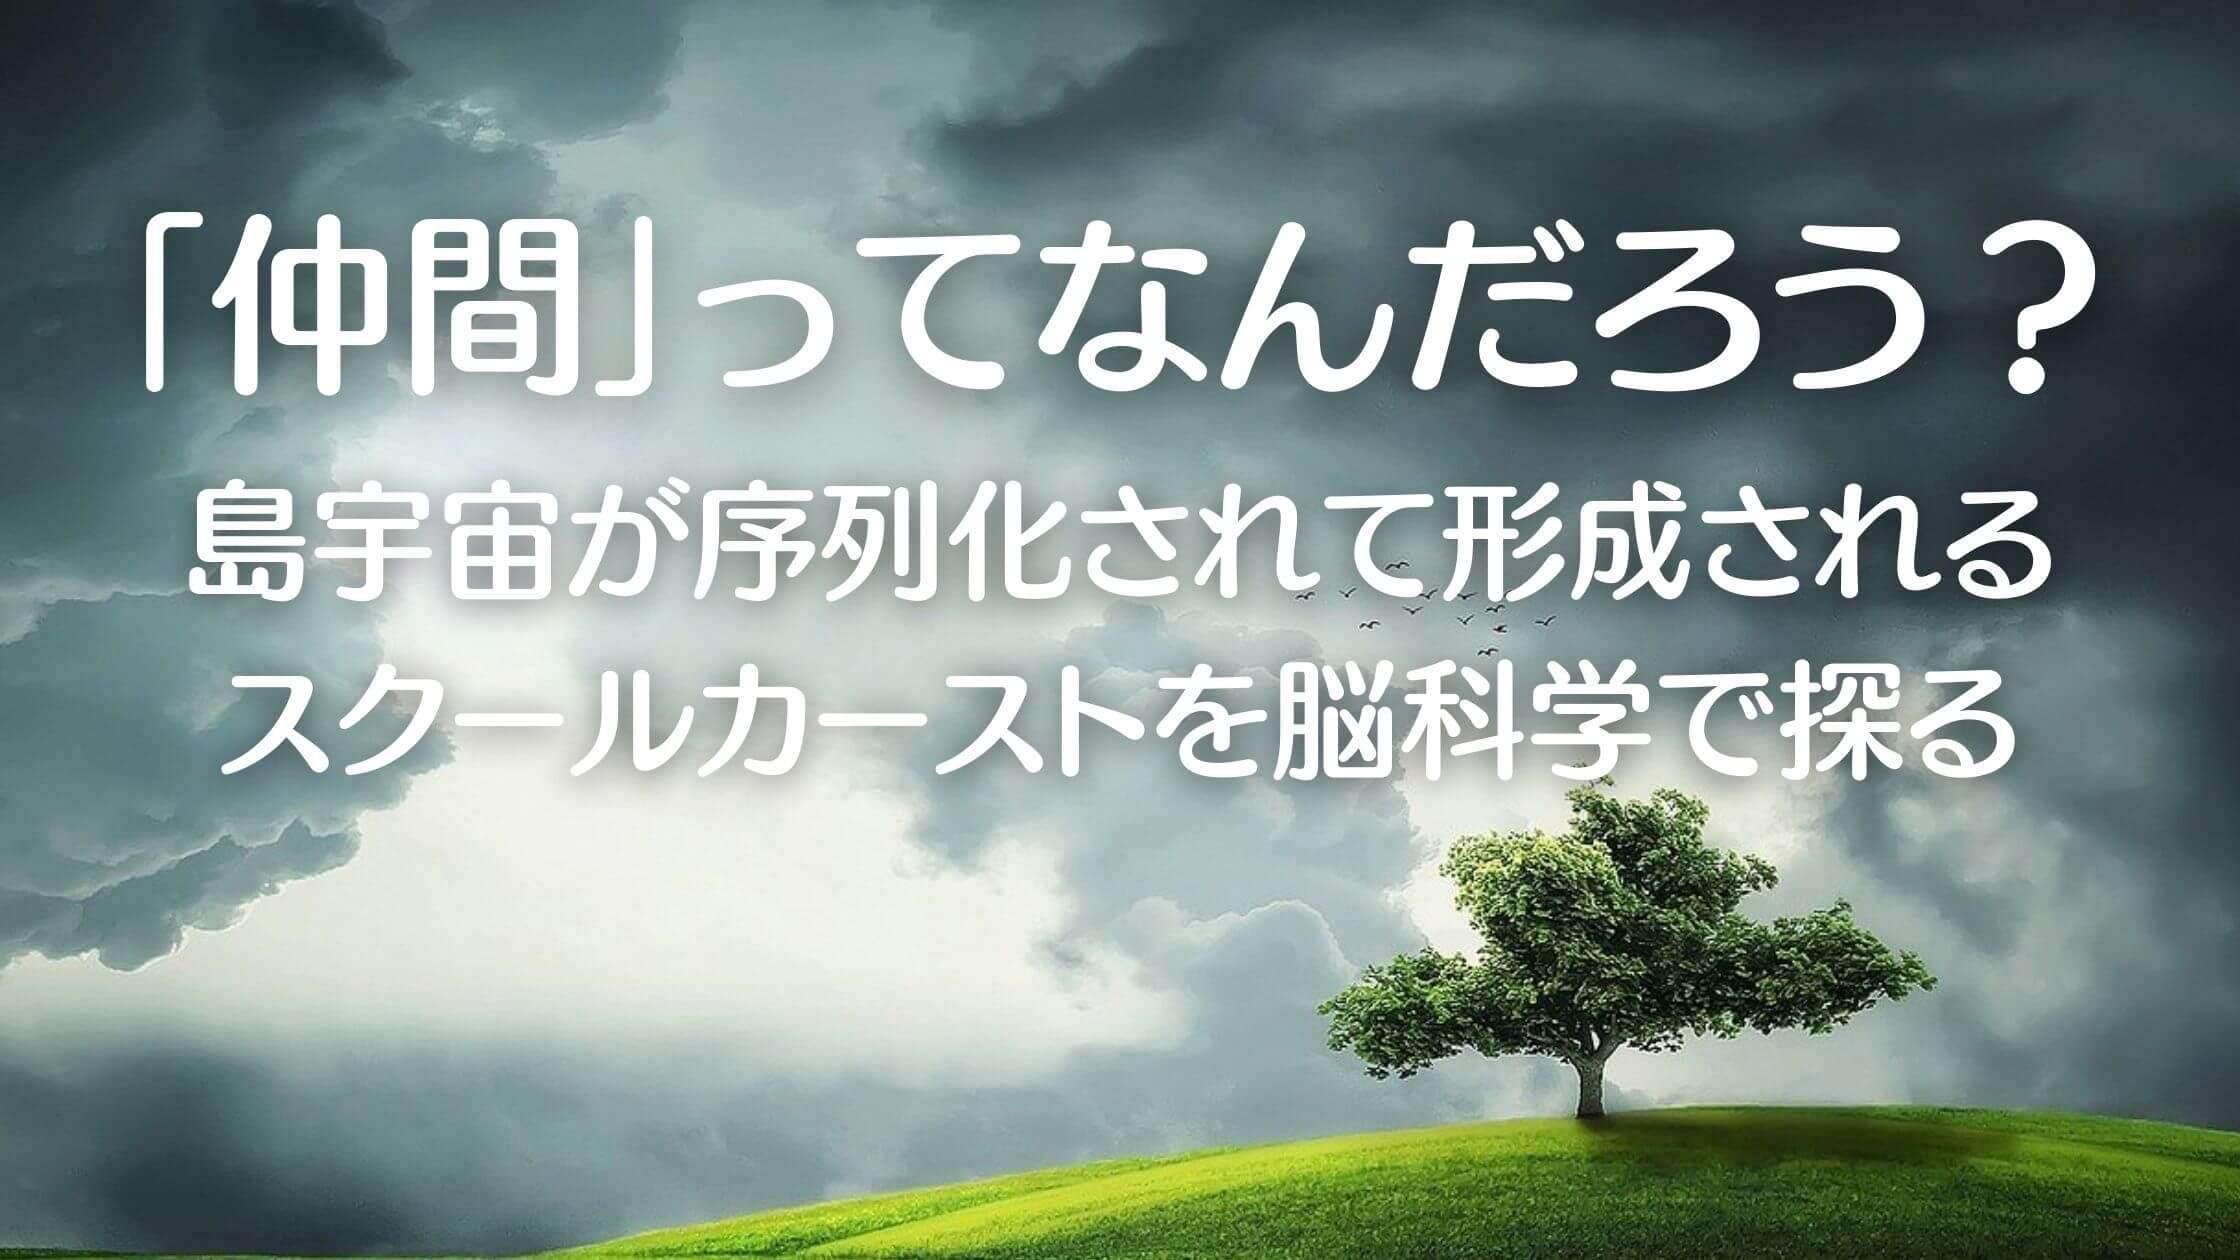 仲間-A2